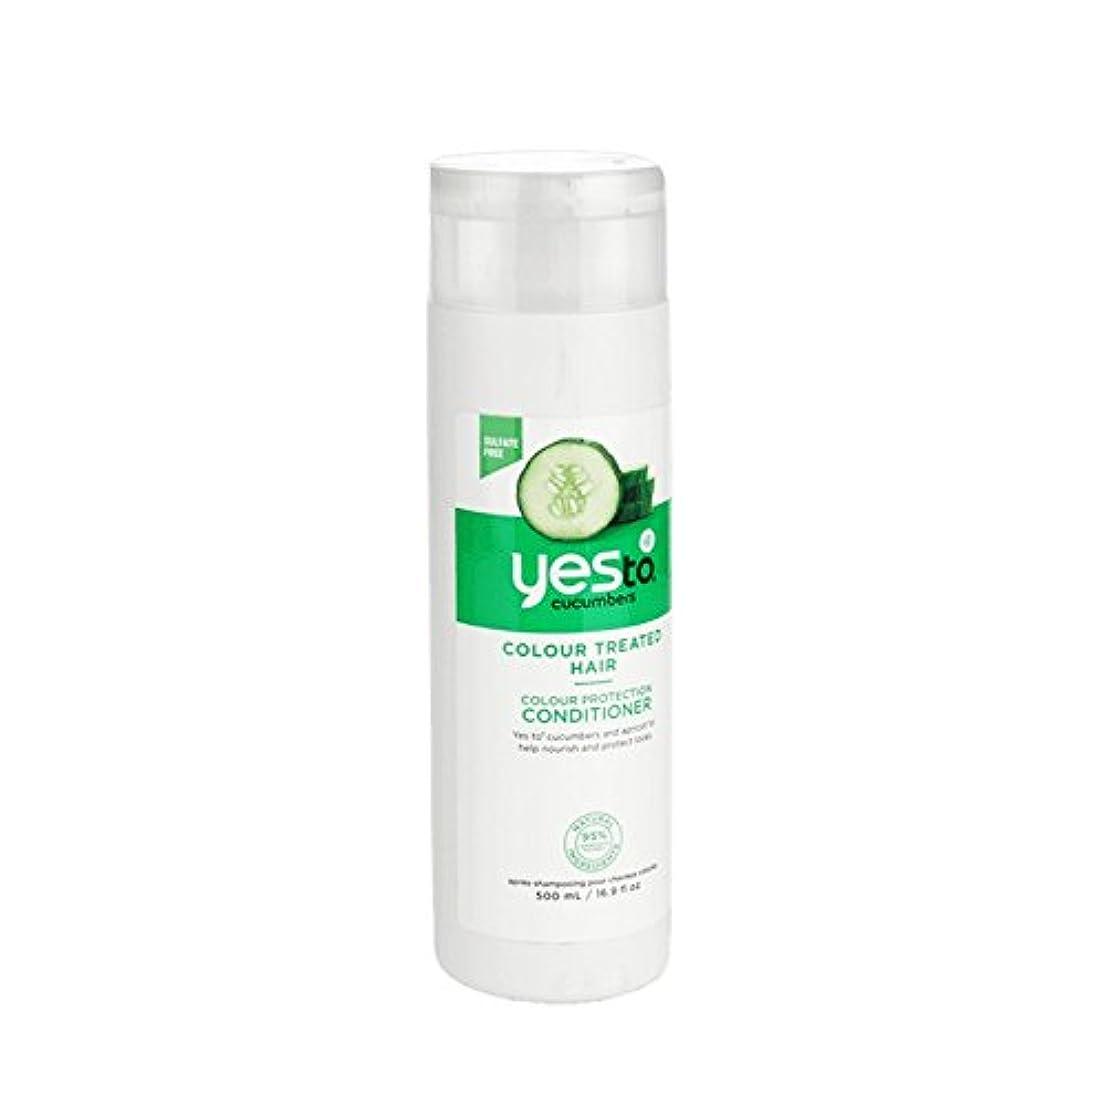 希望に満ちたヒント保育園はいキュウリの色の保護コンディショナー500ミリリットルへ - Yes To Cucumbers Colour Protection Conditioner 500ml (Yes To) [並行輸入品]